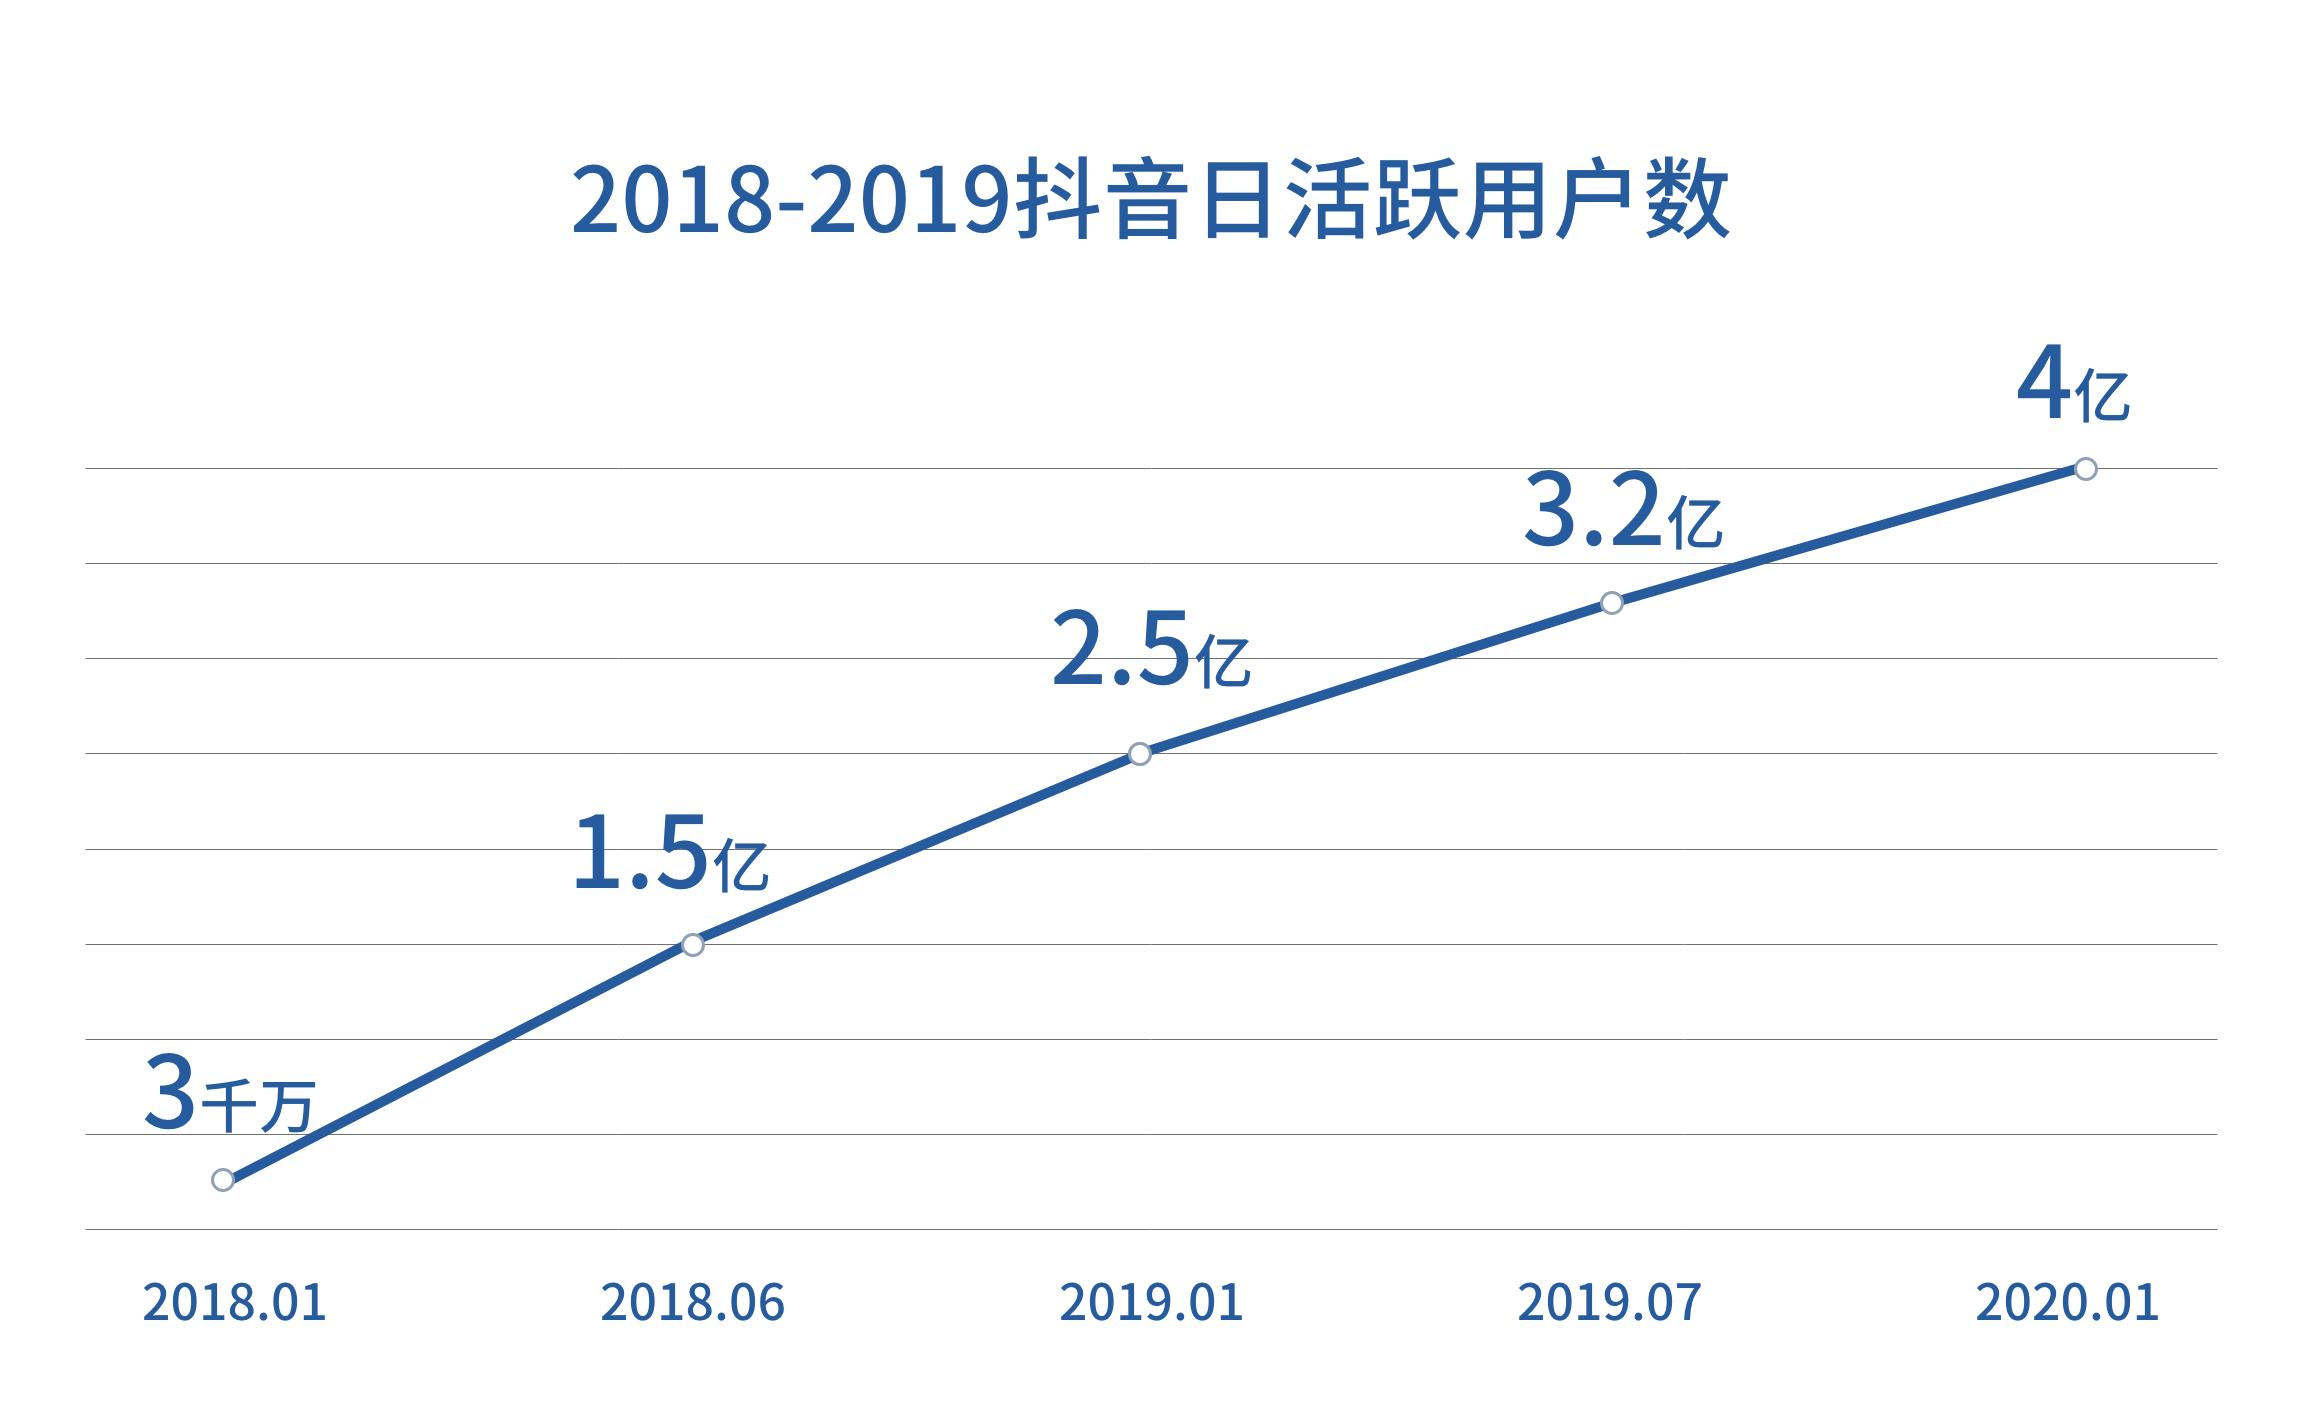 2019年抖音数据报告的分析探究